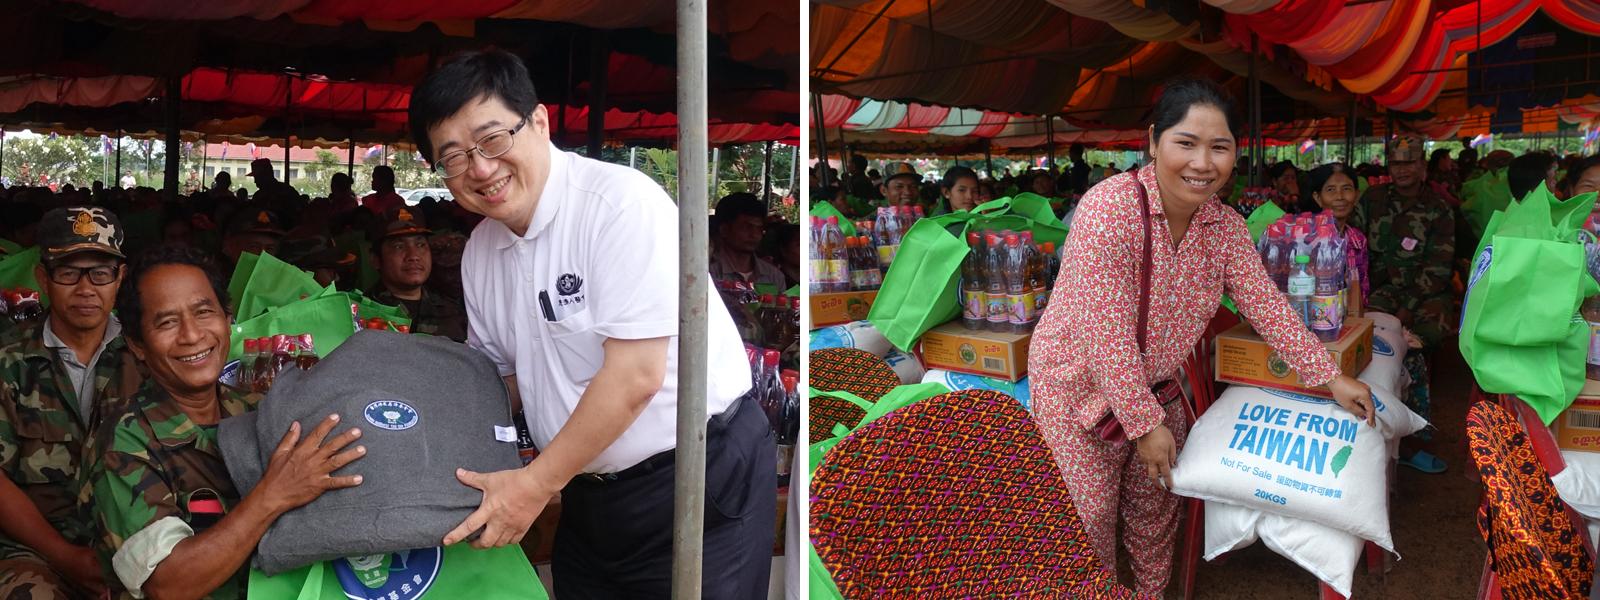 11月1日慈濟與TYDA一起為當地退伍殘障軍兵舉辦約6百戶大型發放,每戶40公斤台灣農委會提供的大米與慈濟毛毯。婦女開心的跟慈濟志工表示,有了這些米就可以讓一家三口吃上好一陣子了。(攝影:陳誼謙)